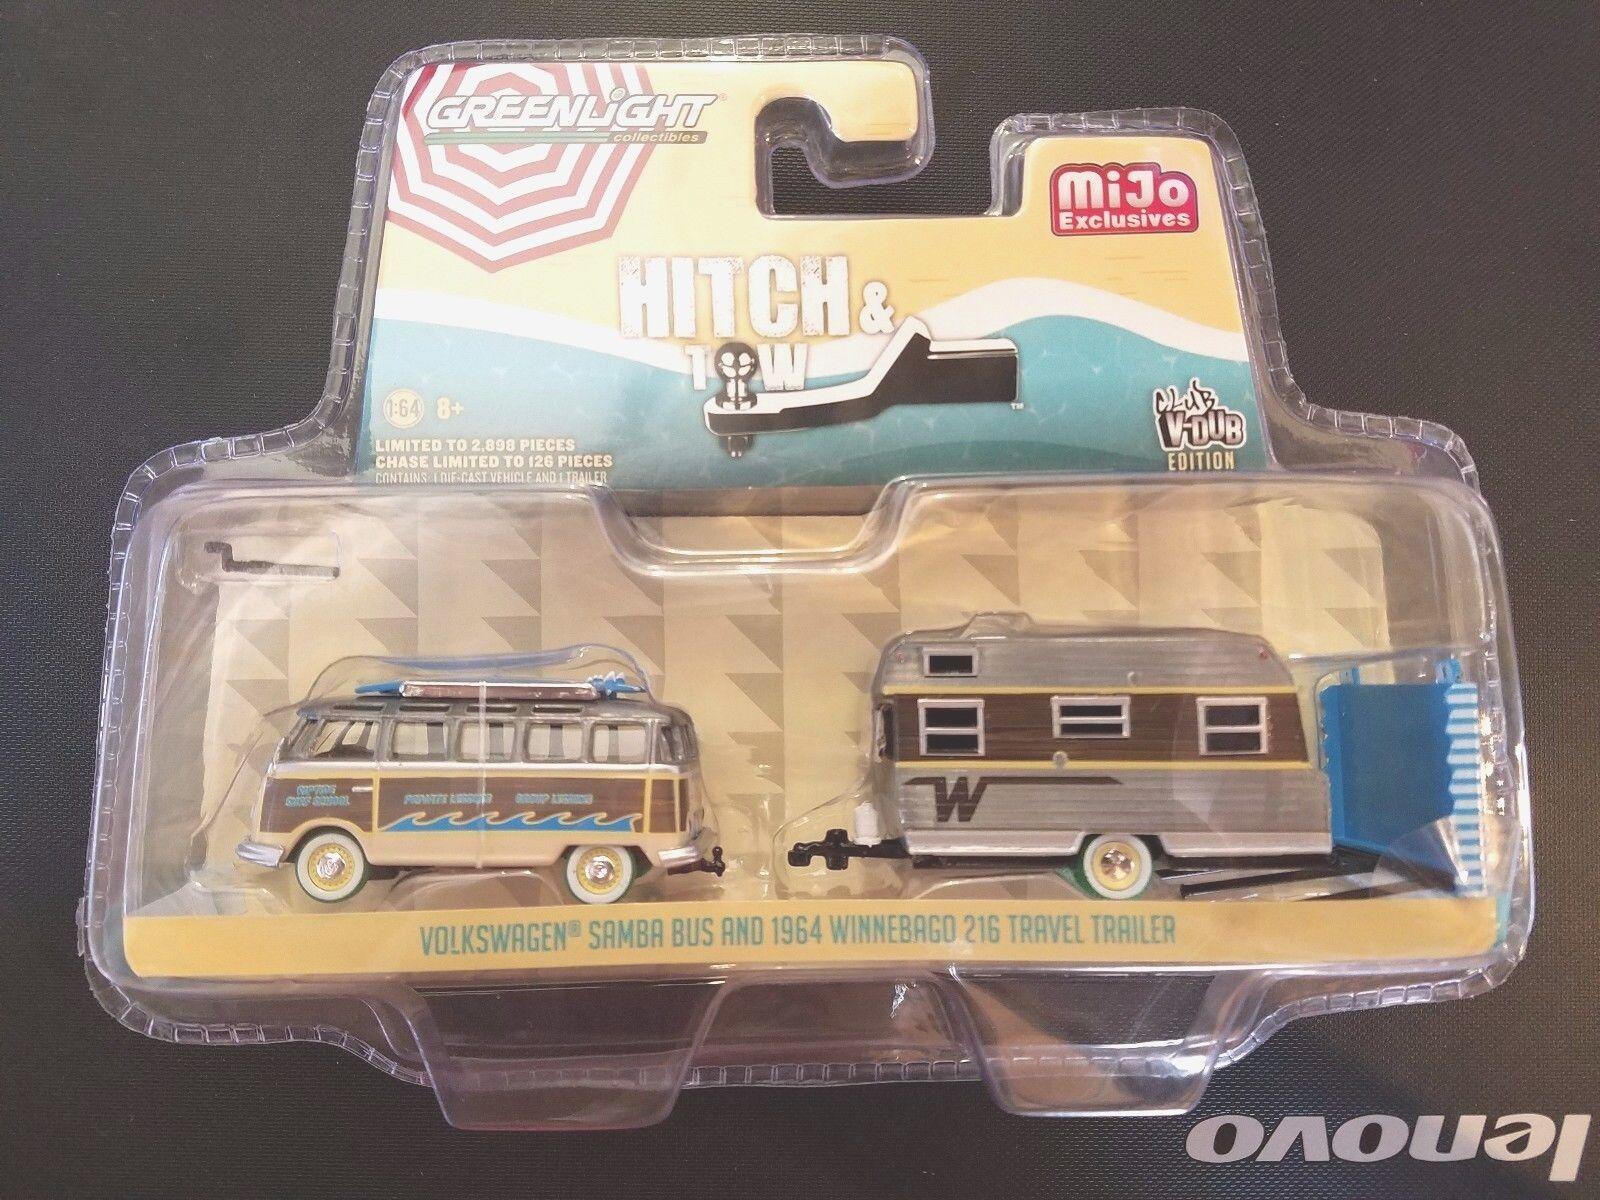 verdeLIGHT VOLKSWAGEN SAMBA BUS & 1964 WINNEBAGO 216 TRAVEL TRAILER 51114 CHASE